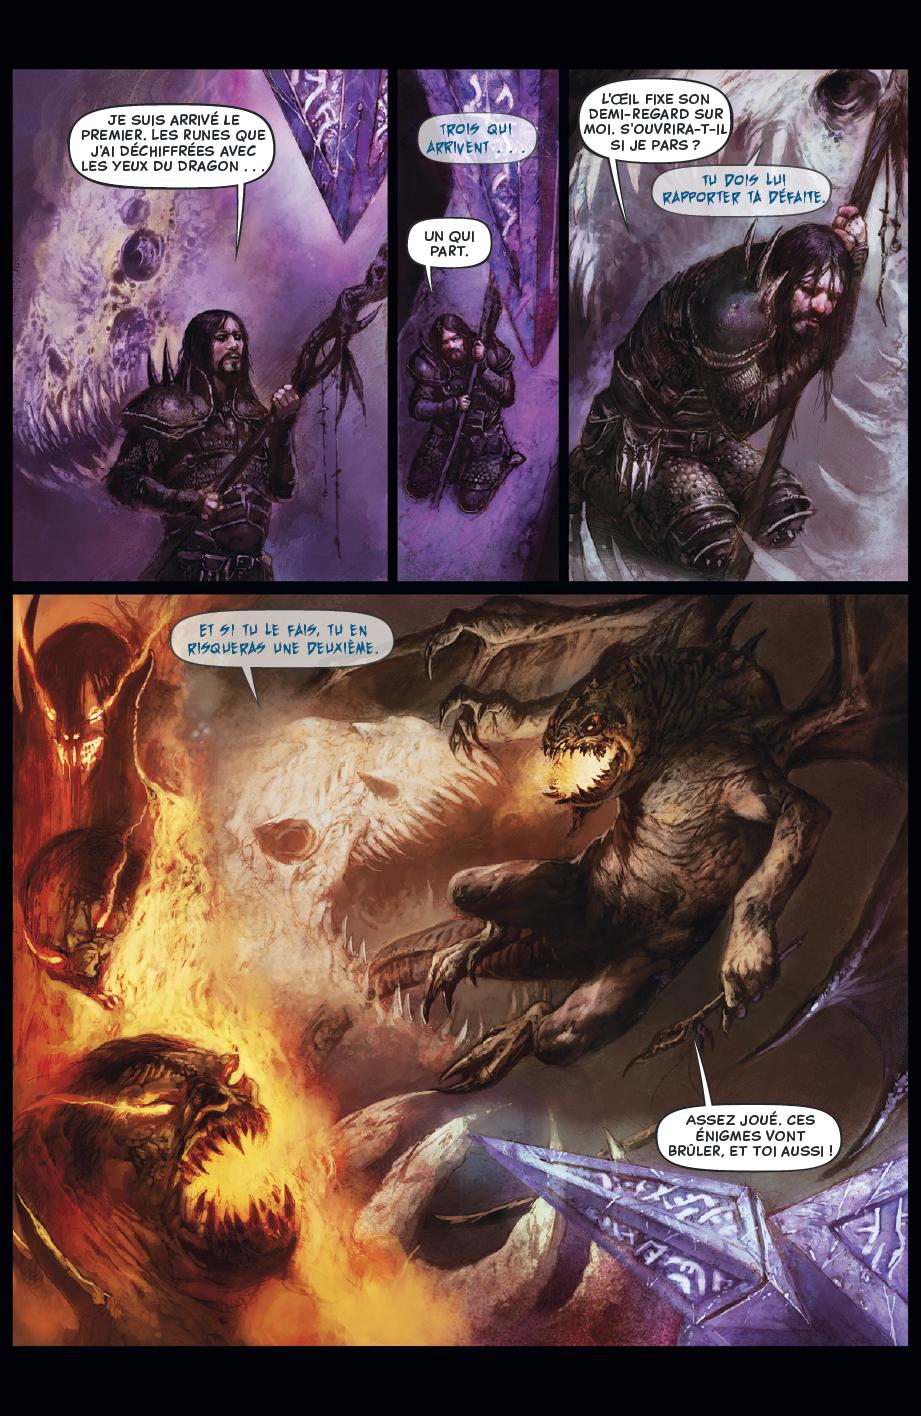 Enter the Eldrazi, Part 2: Page 7